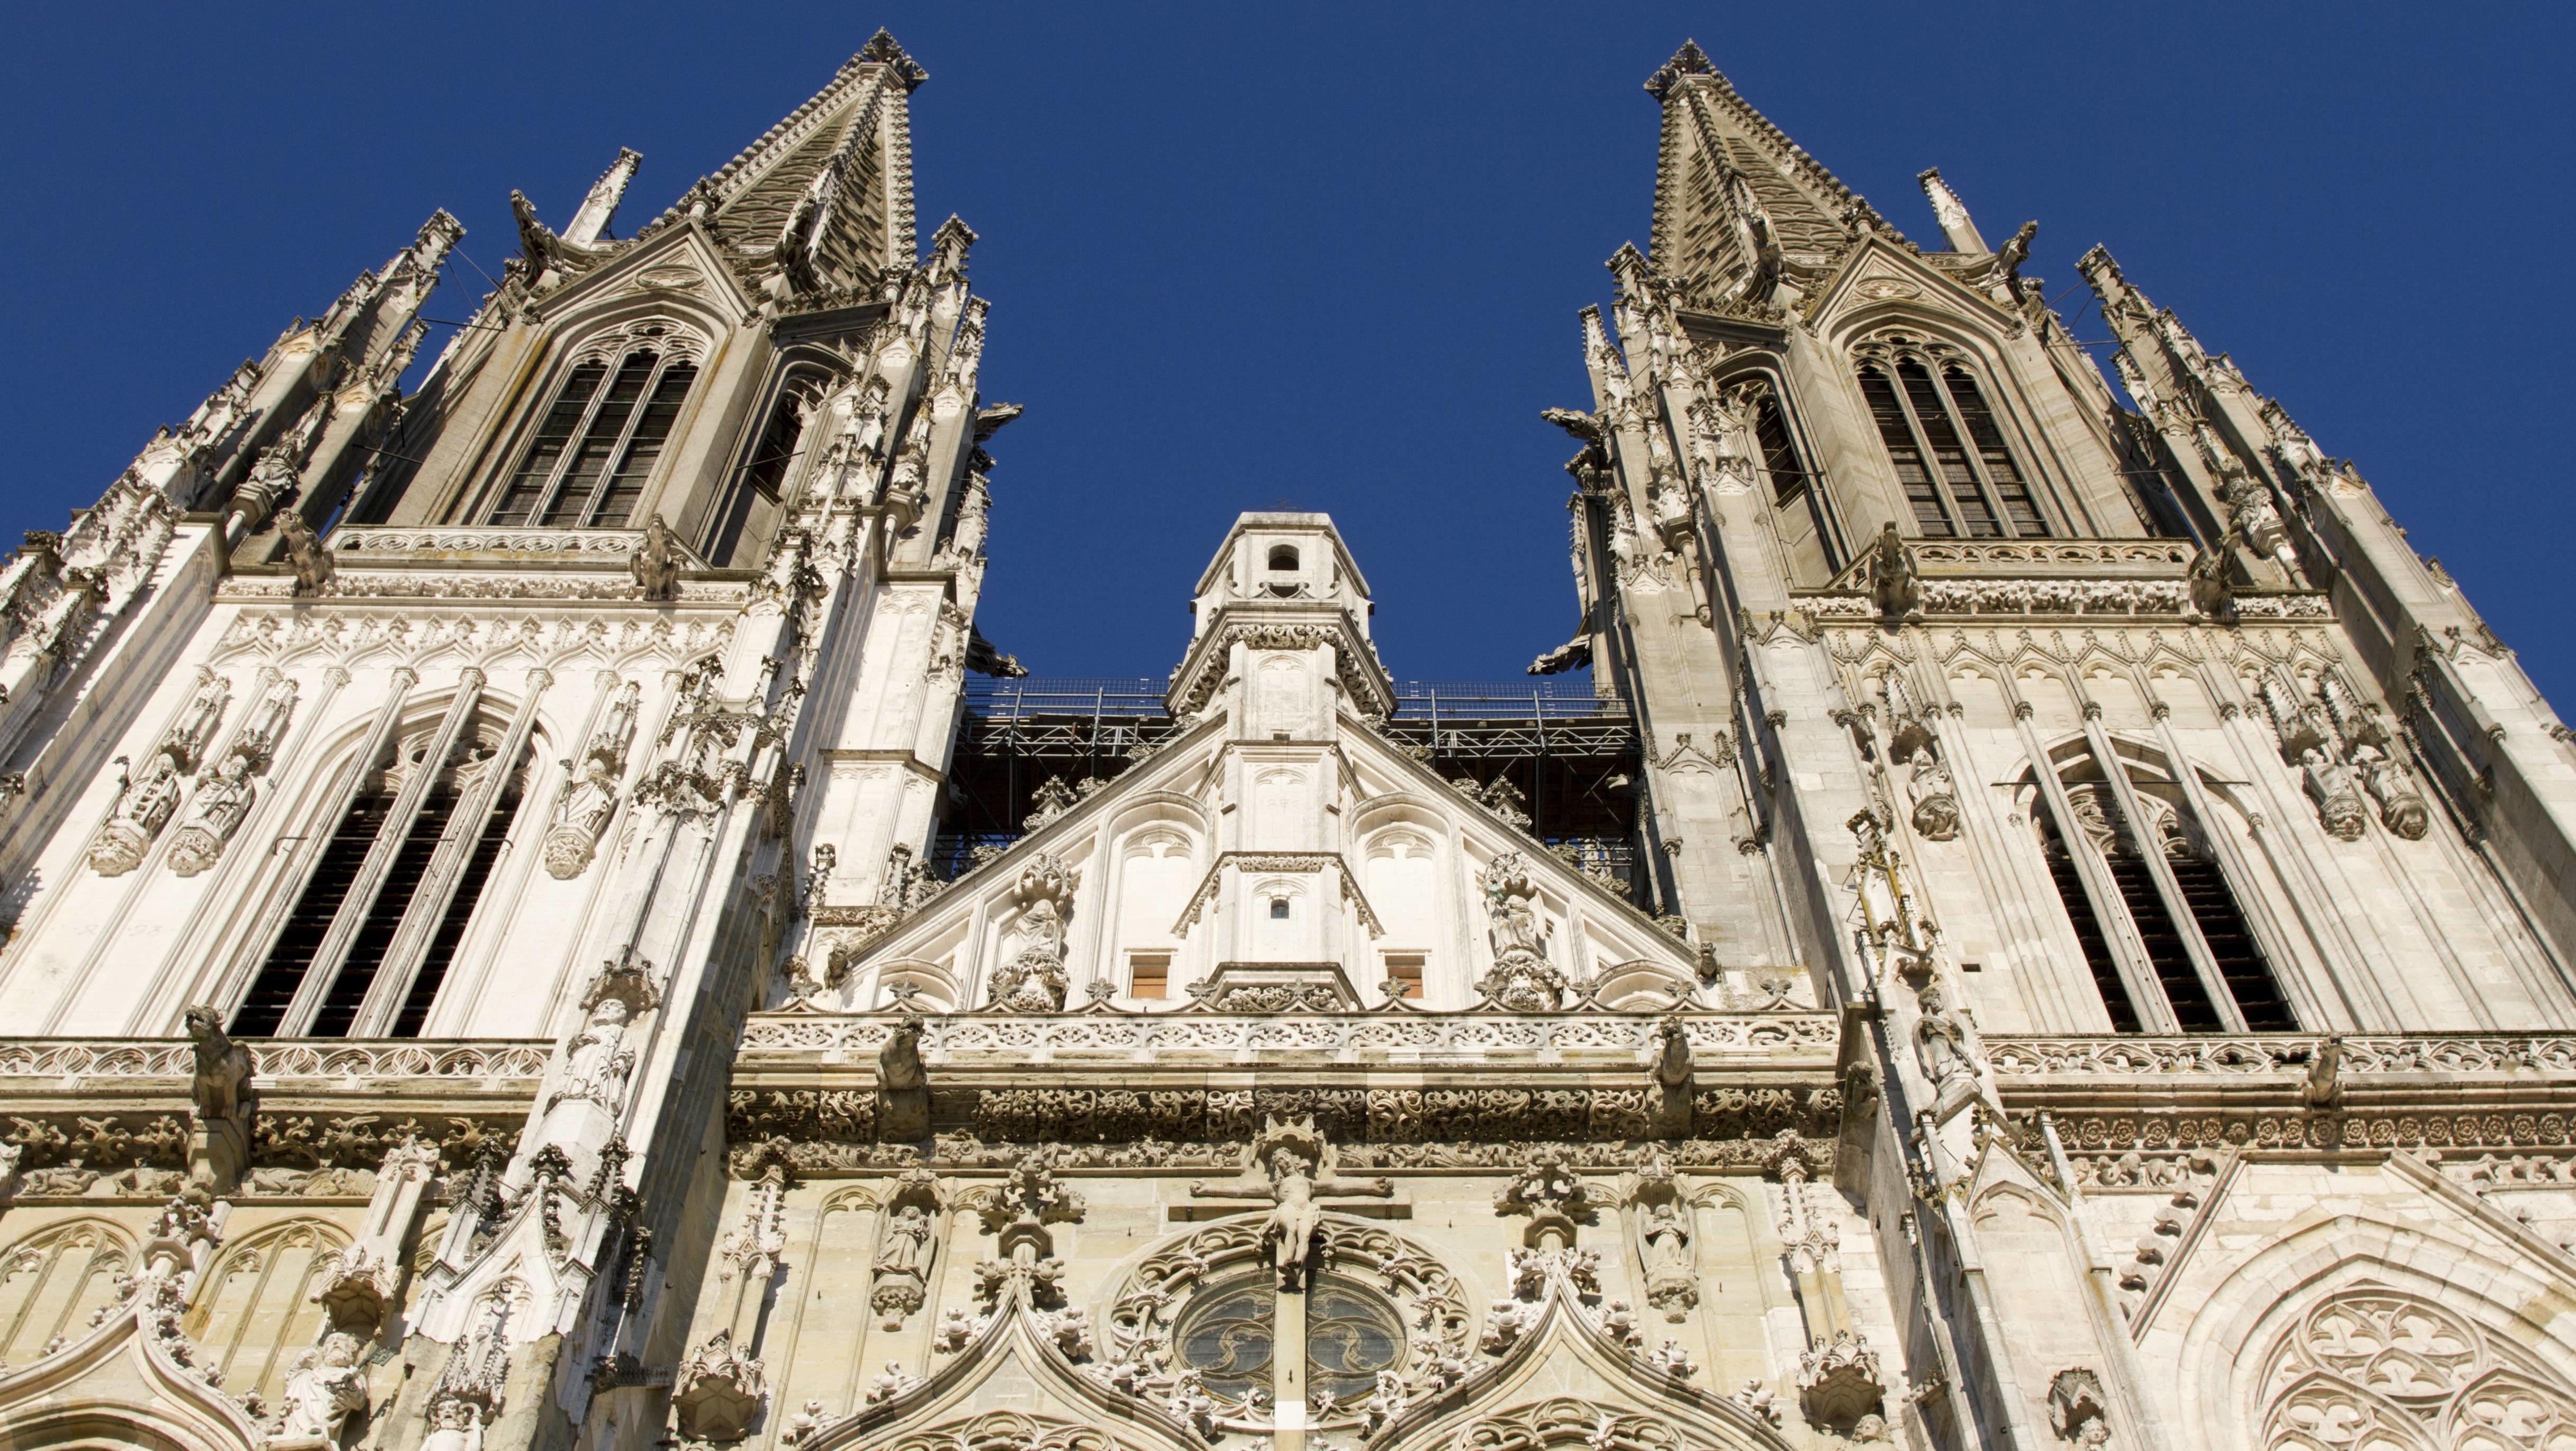 Fassade und Türme des Regensburger Doms